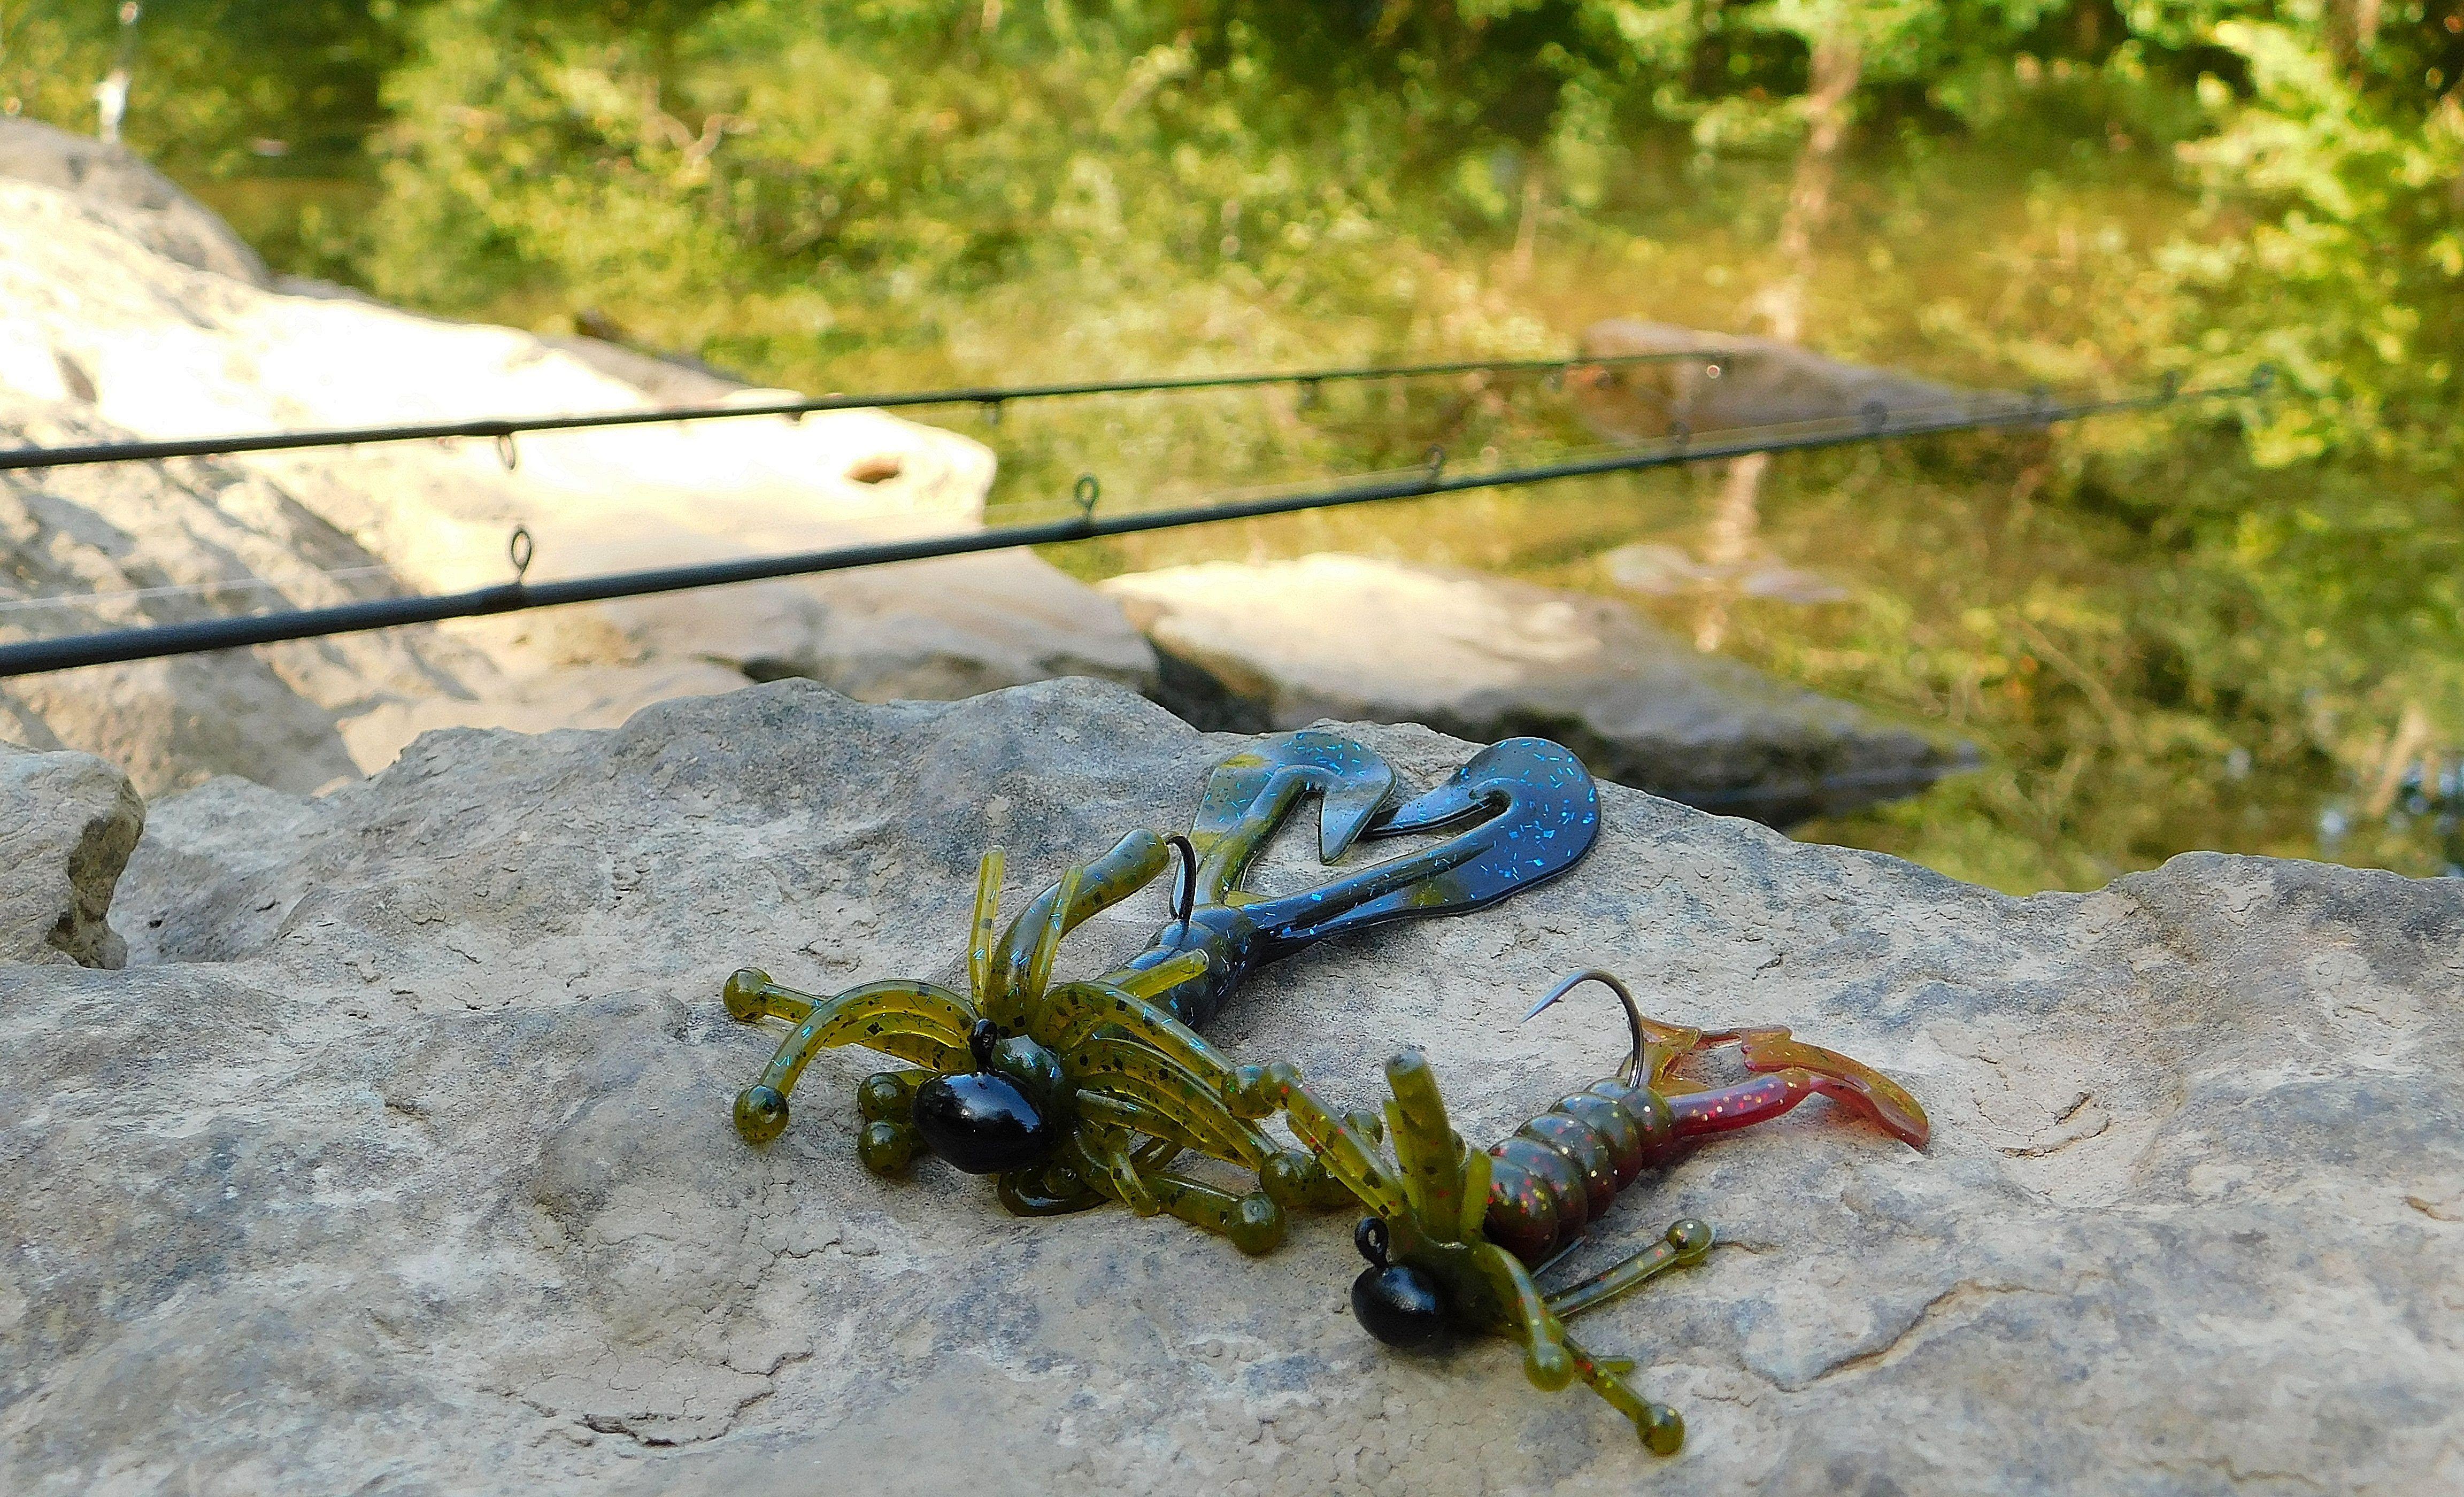 cabin-creek-spider-jig.jpg